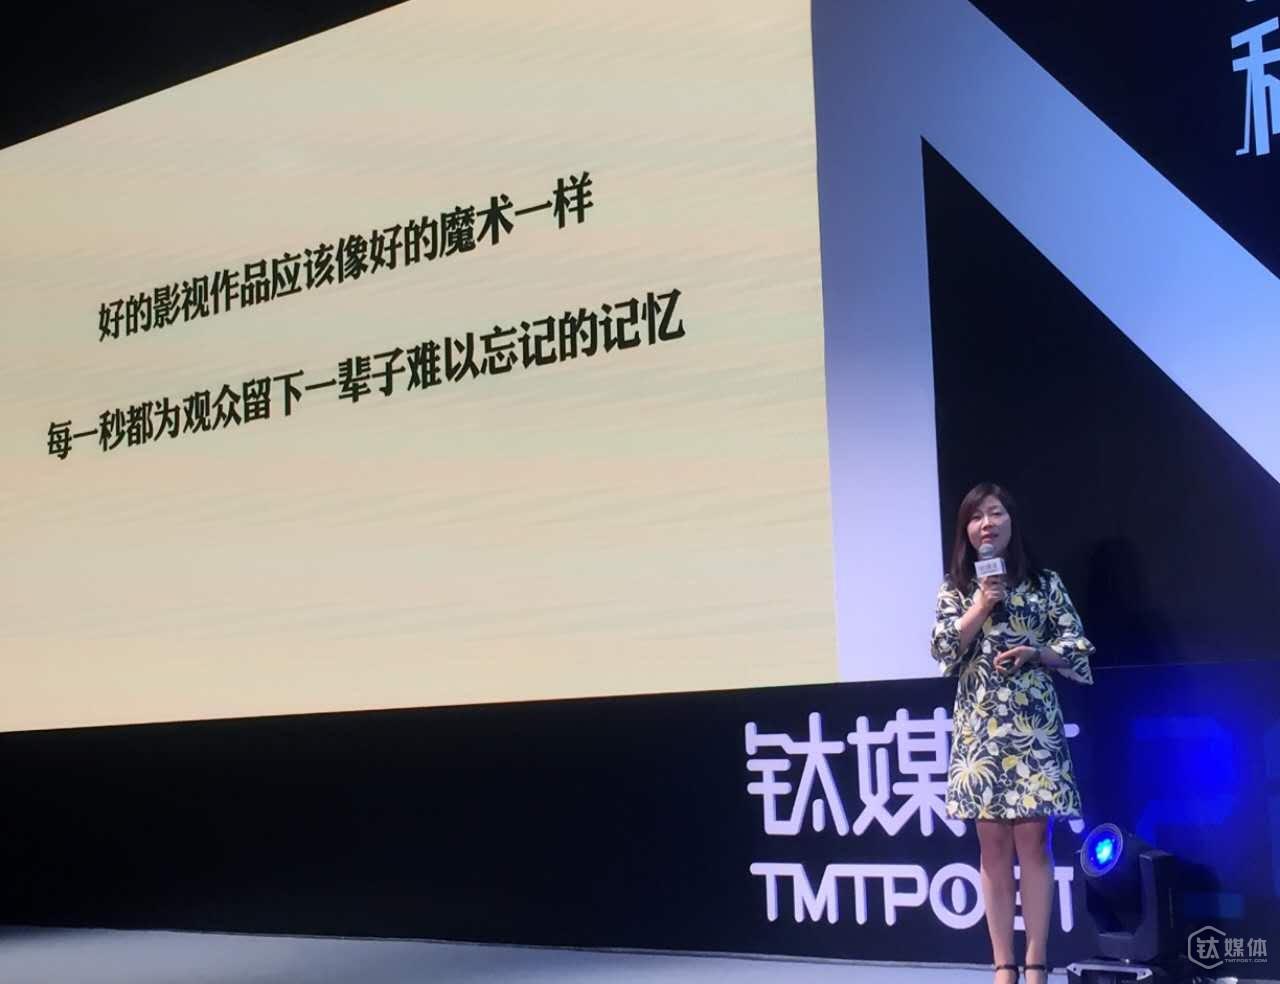 优酷土豆网剧 、网络大电影负责人袁玉梅